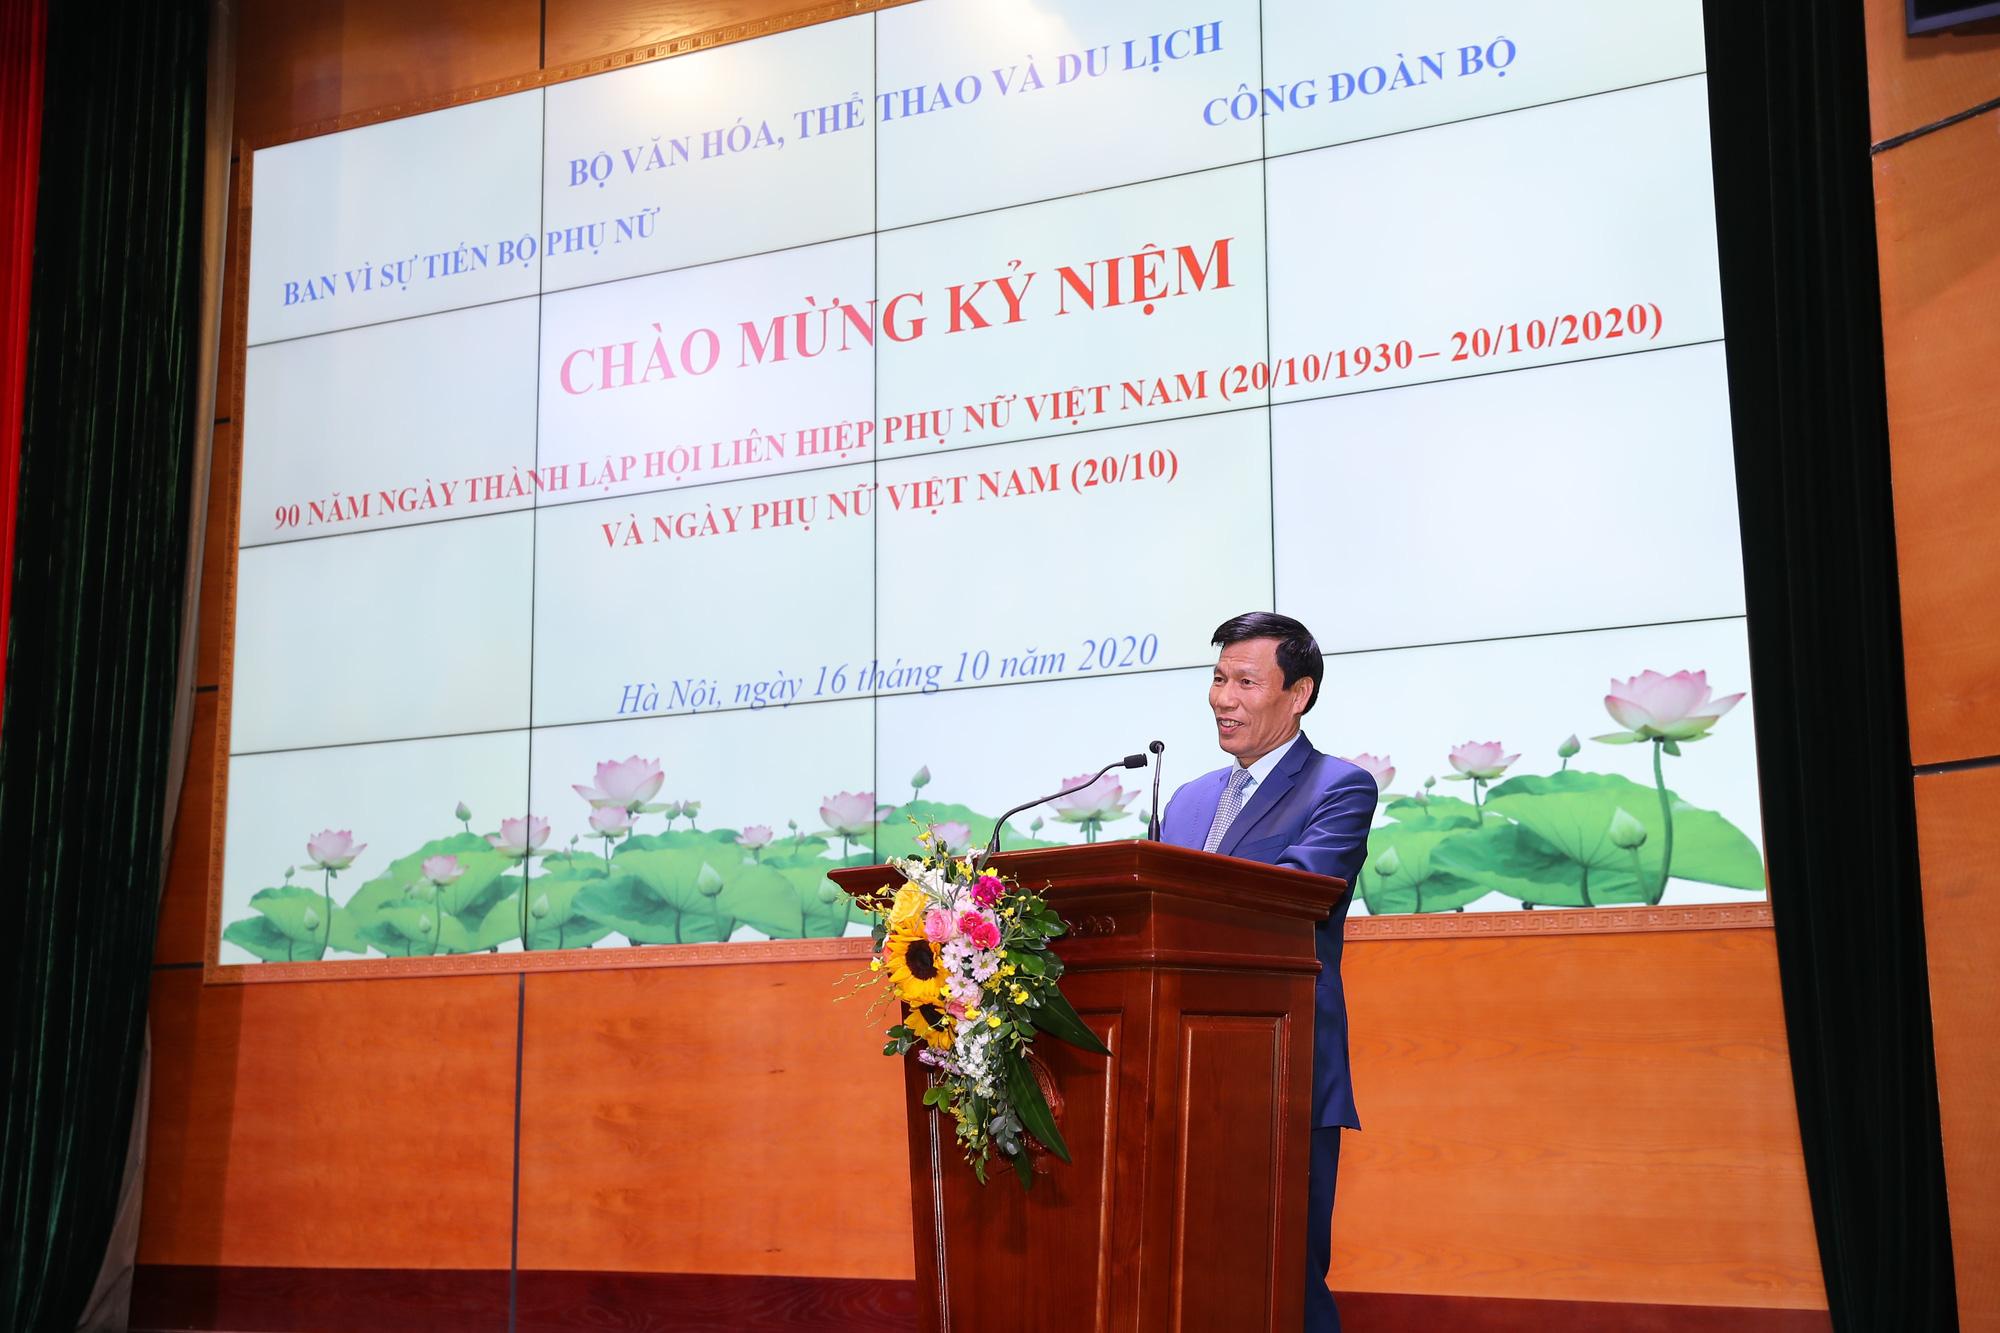 Bộ trưởng Nguyễn Ngọc Thiện: Cán bộ, công chức, viên chức, người lao động nữ đã có đóng góp lớn vào thành tích chung của Bộ VHTTDL - Ảnh 1.